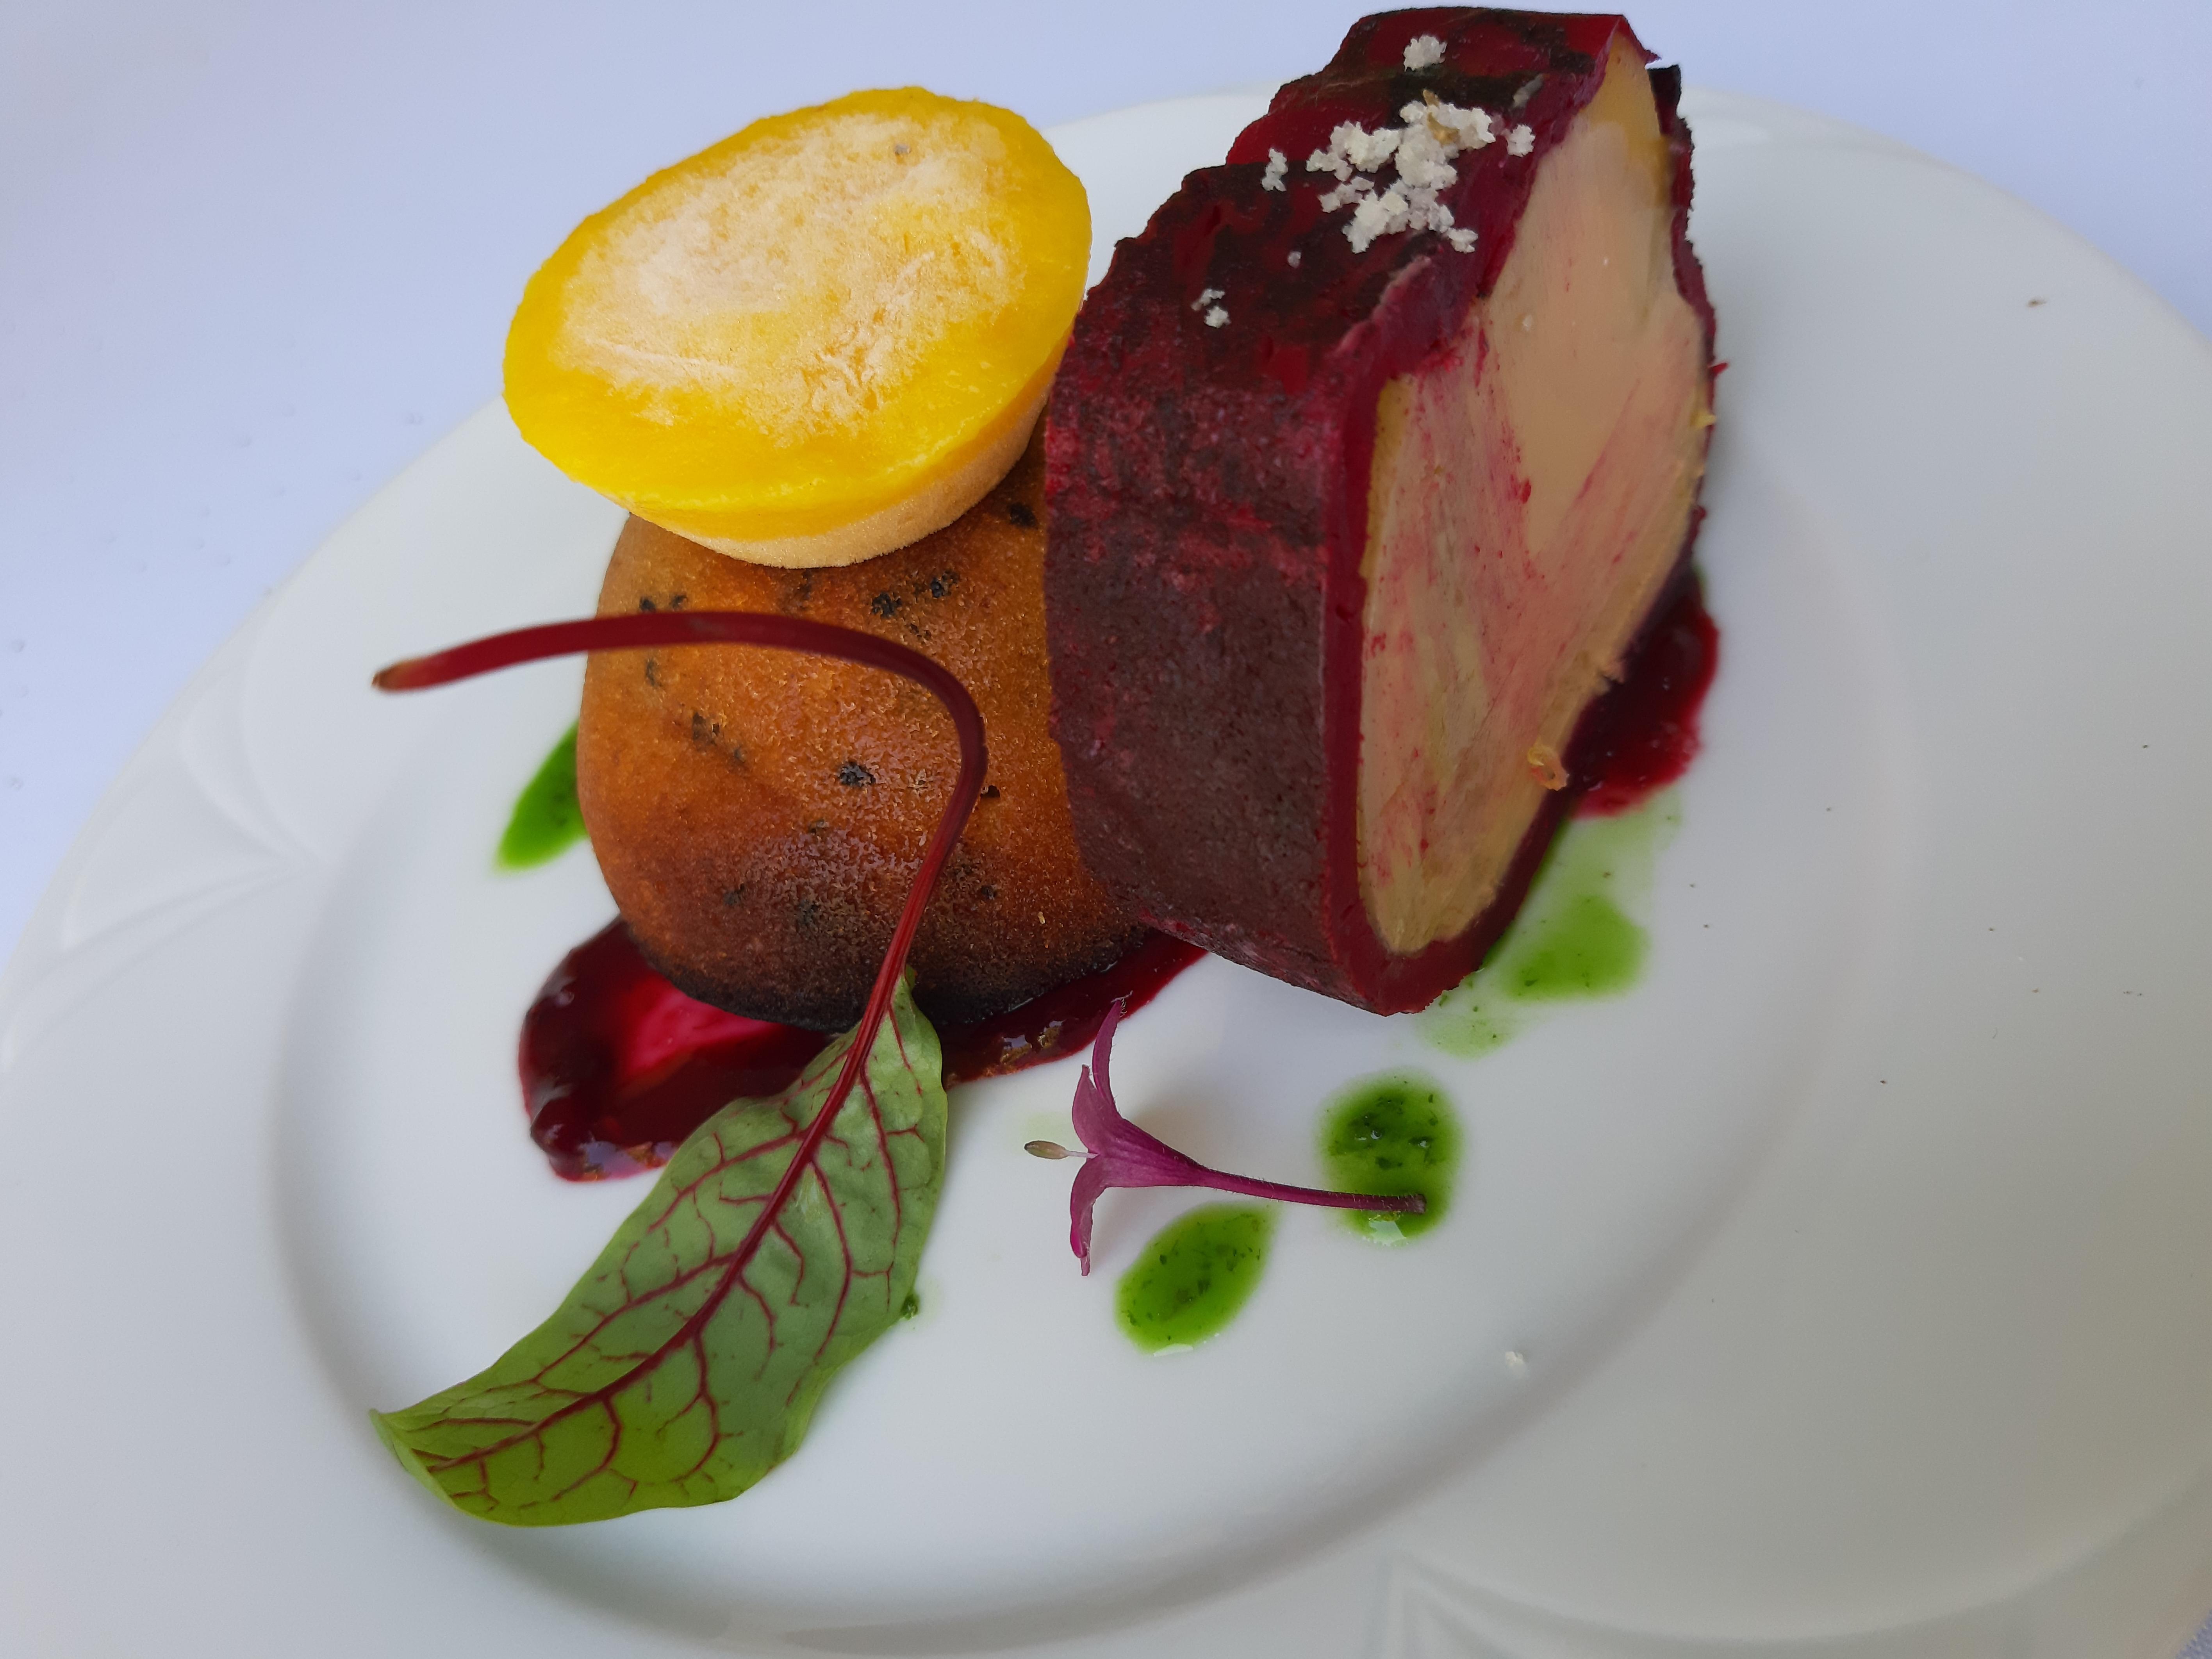 Le foie gras maisont